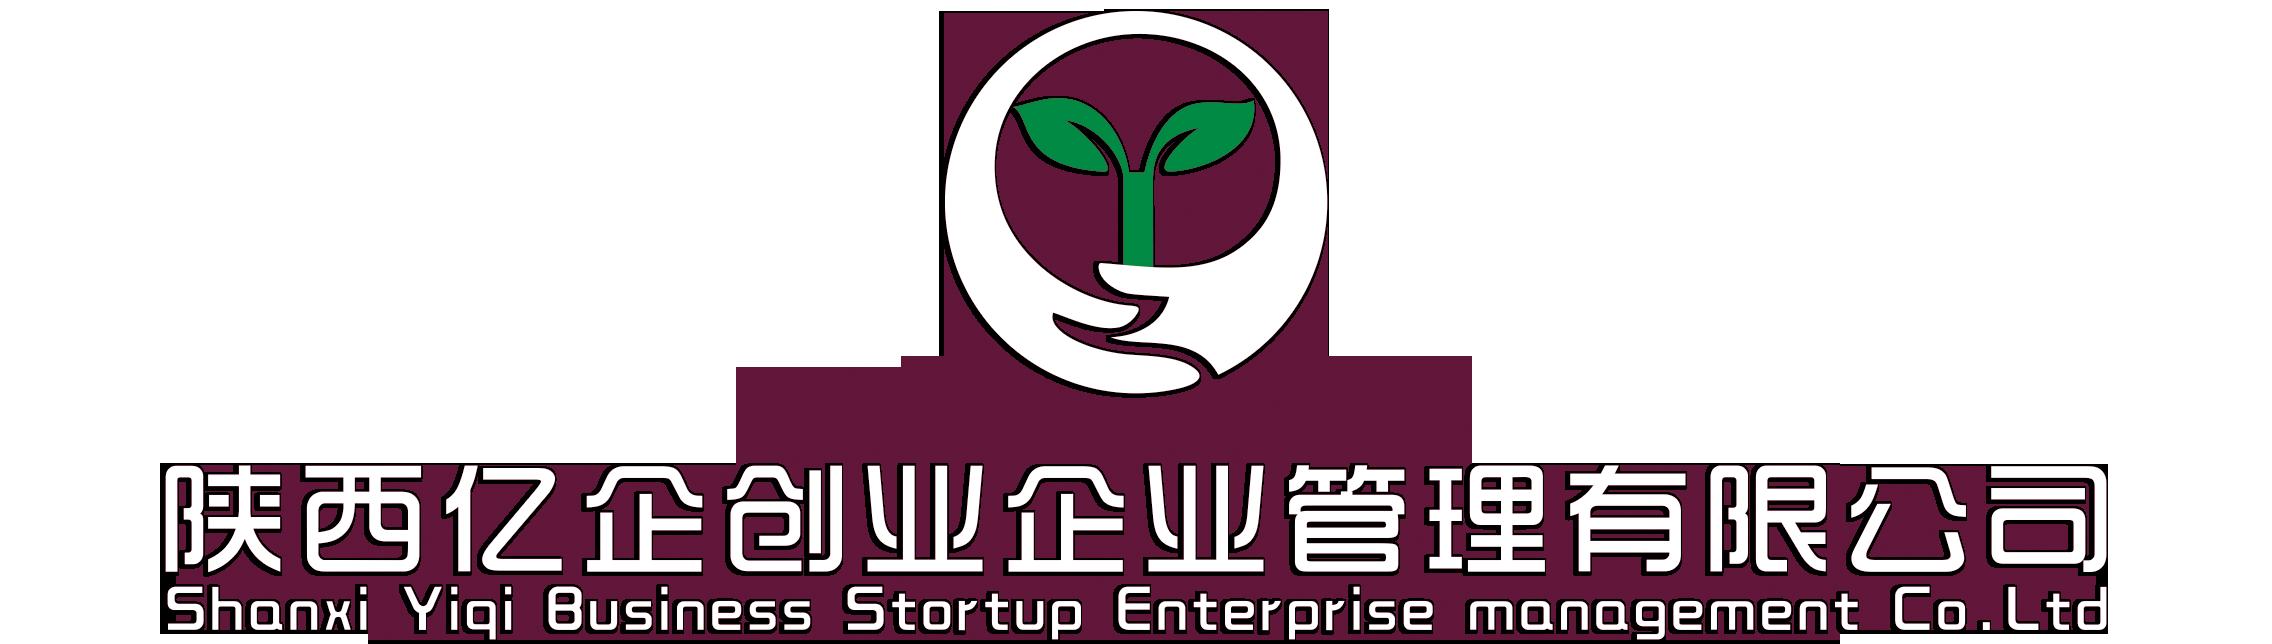 陕西亿企创业企业管理彩客网